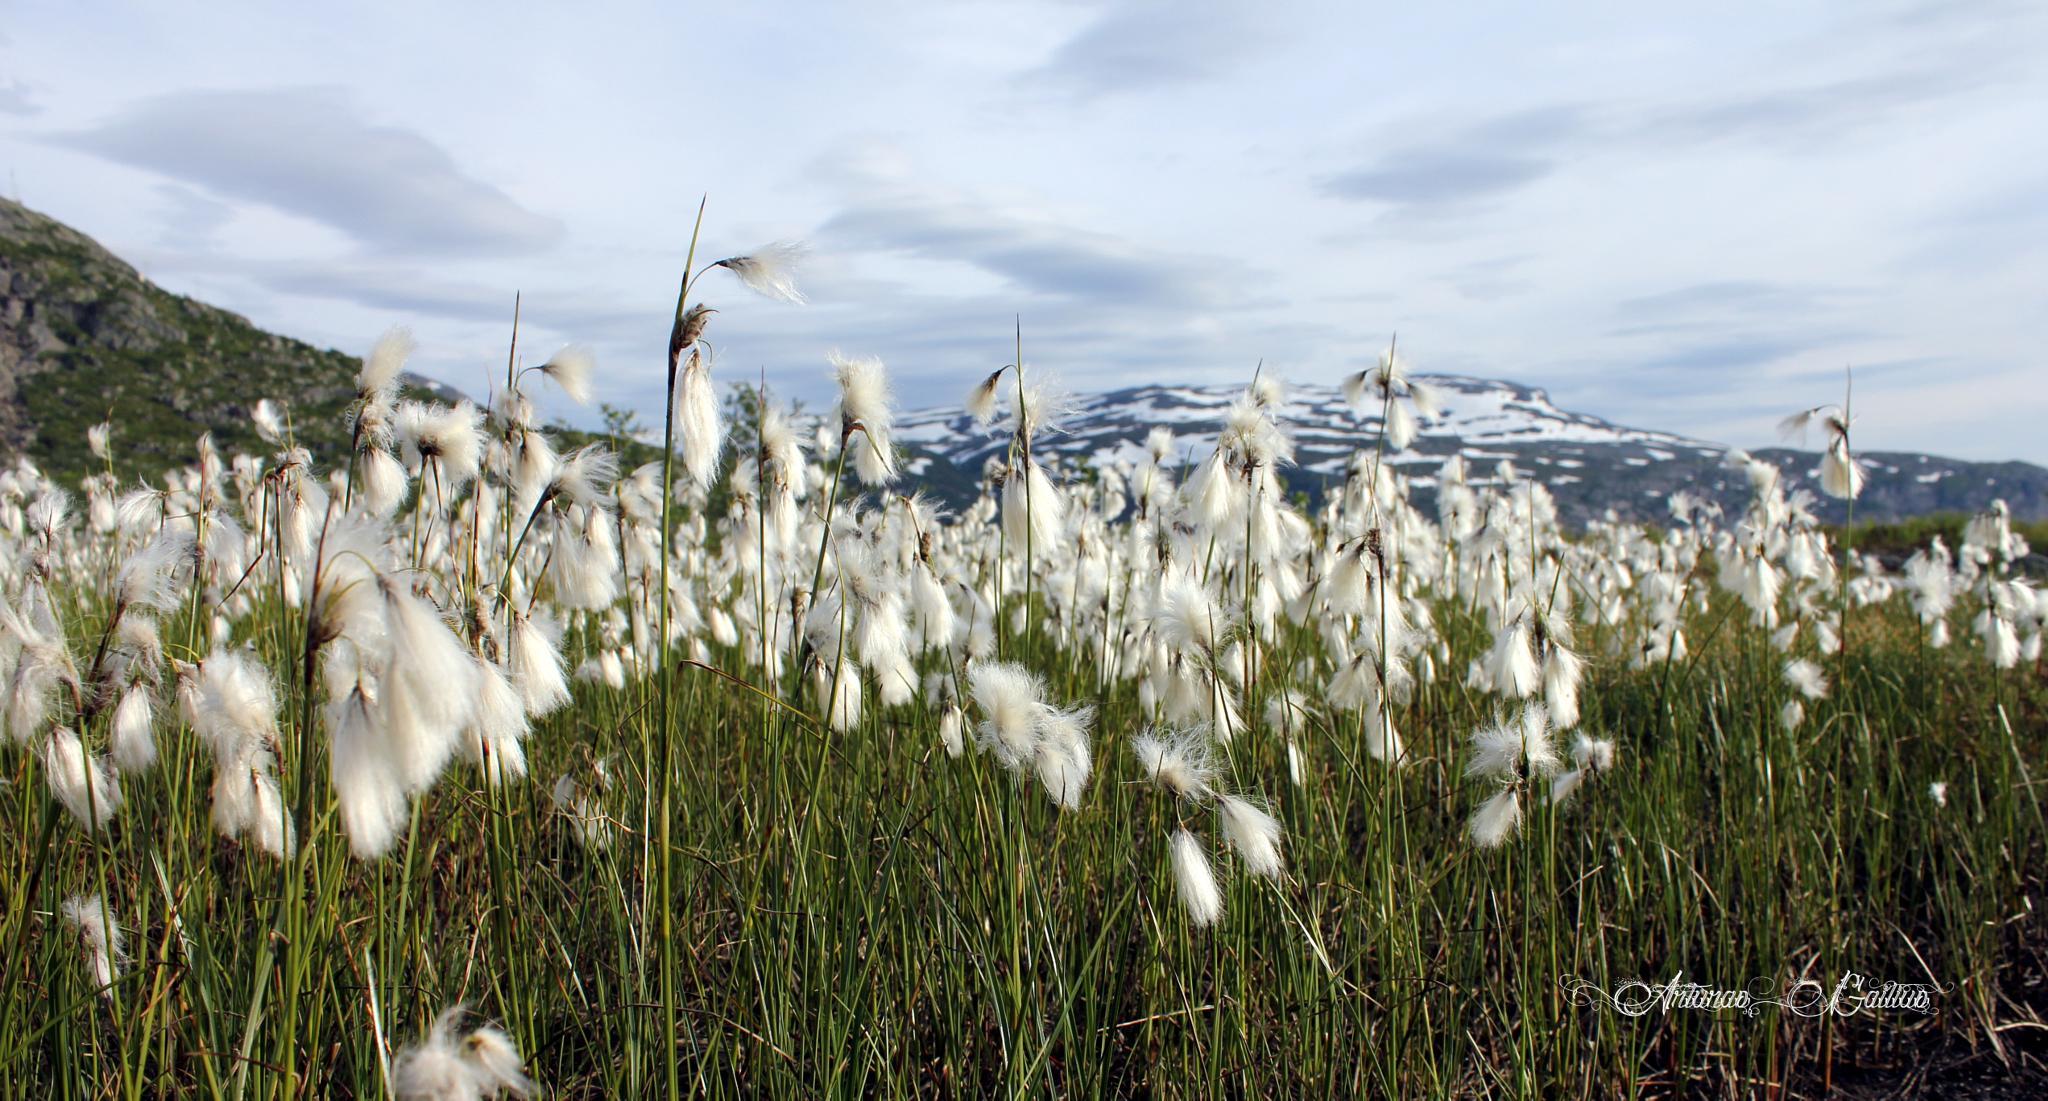 Mountain flowers by Arturas Gailius